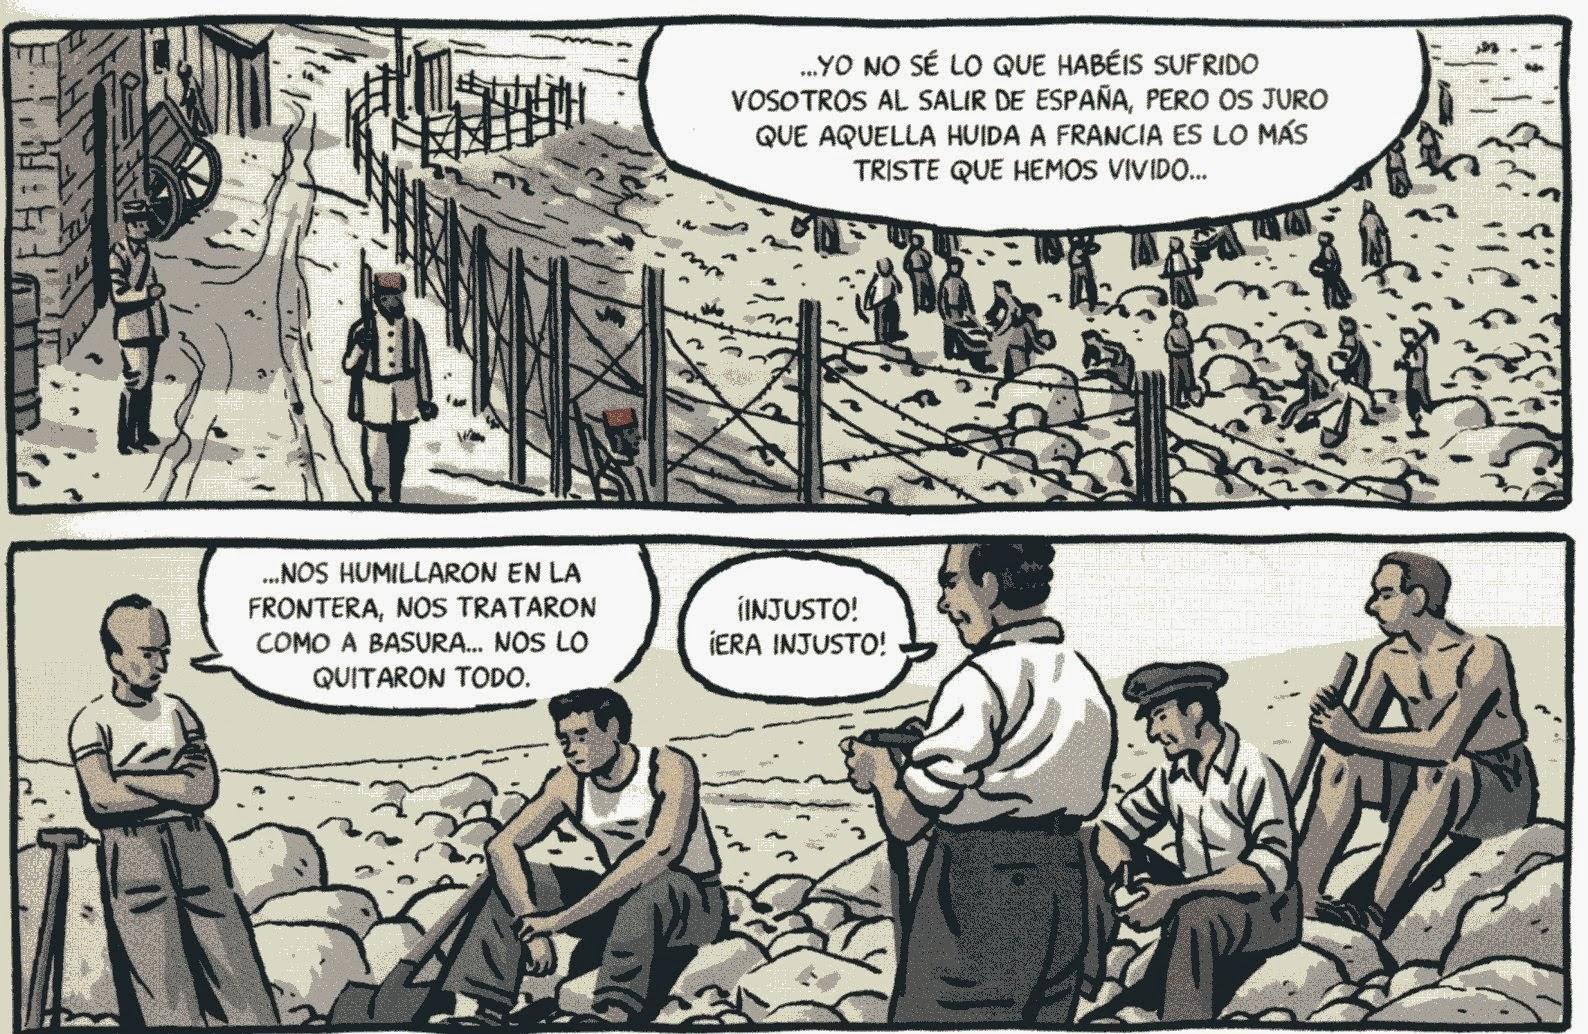 «Fue en España donde mi generación aprendió que uno puede tener razón y ser derrotado...» (Albert Camus)